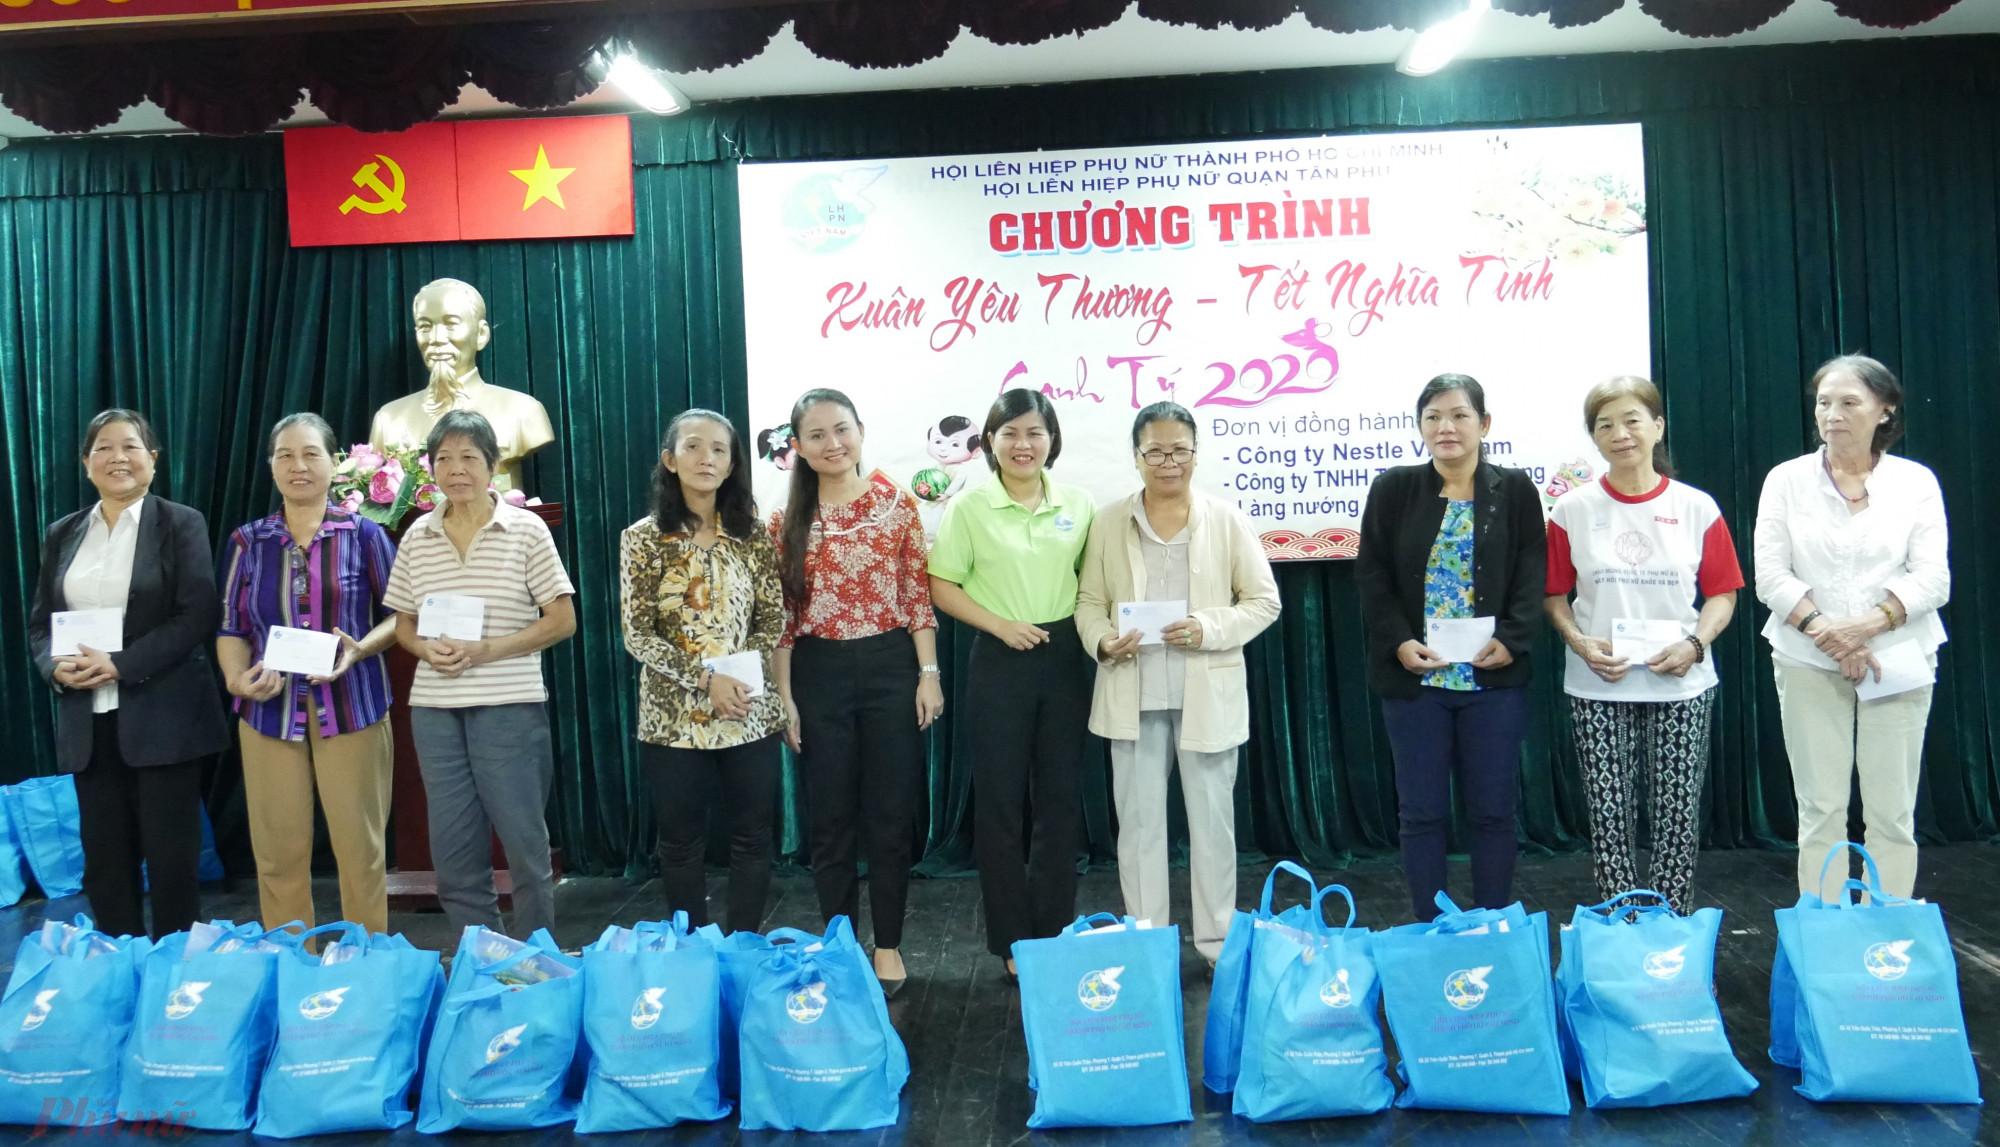 Hội LHPN TP.HCM tặng quà tết cho phụ nữ tại quận Tân Phú.